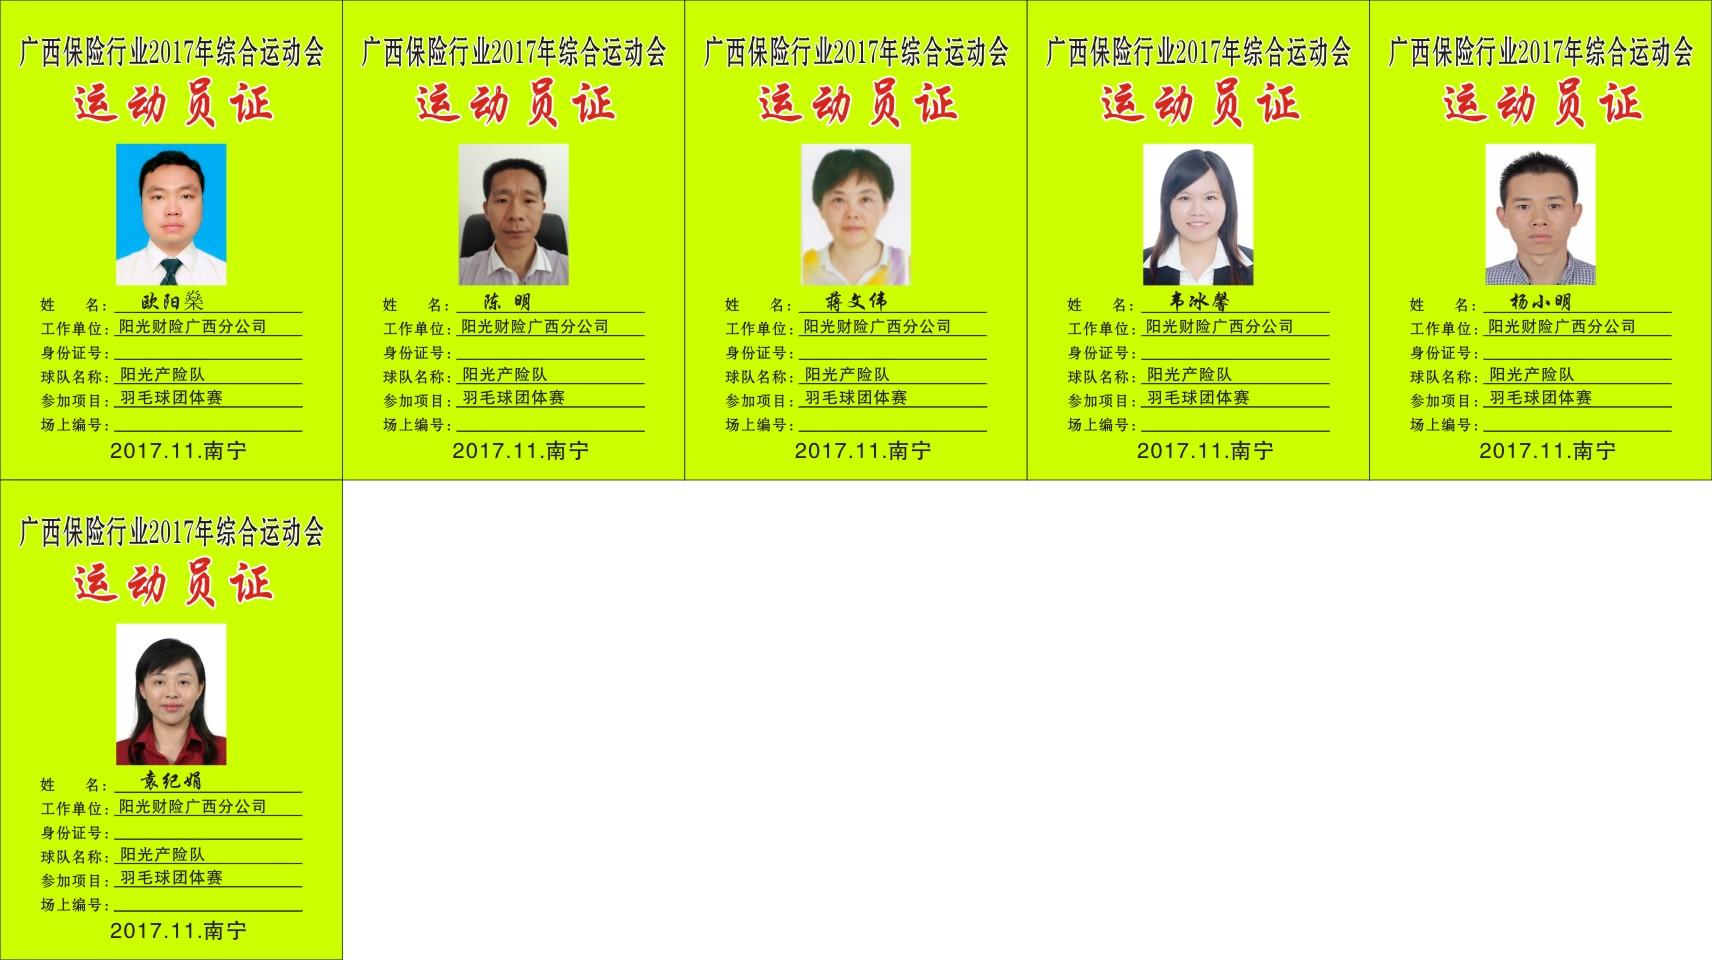 26阳光财险广西分公司.jpg